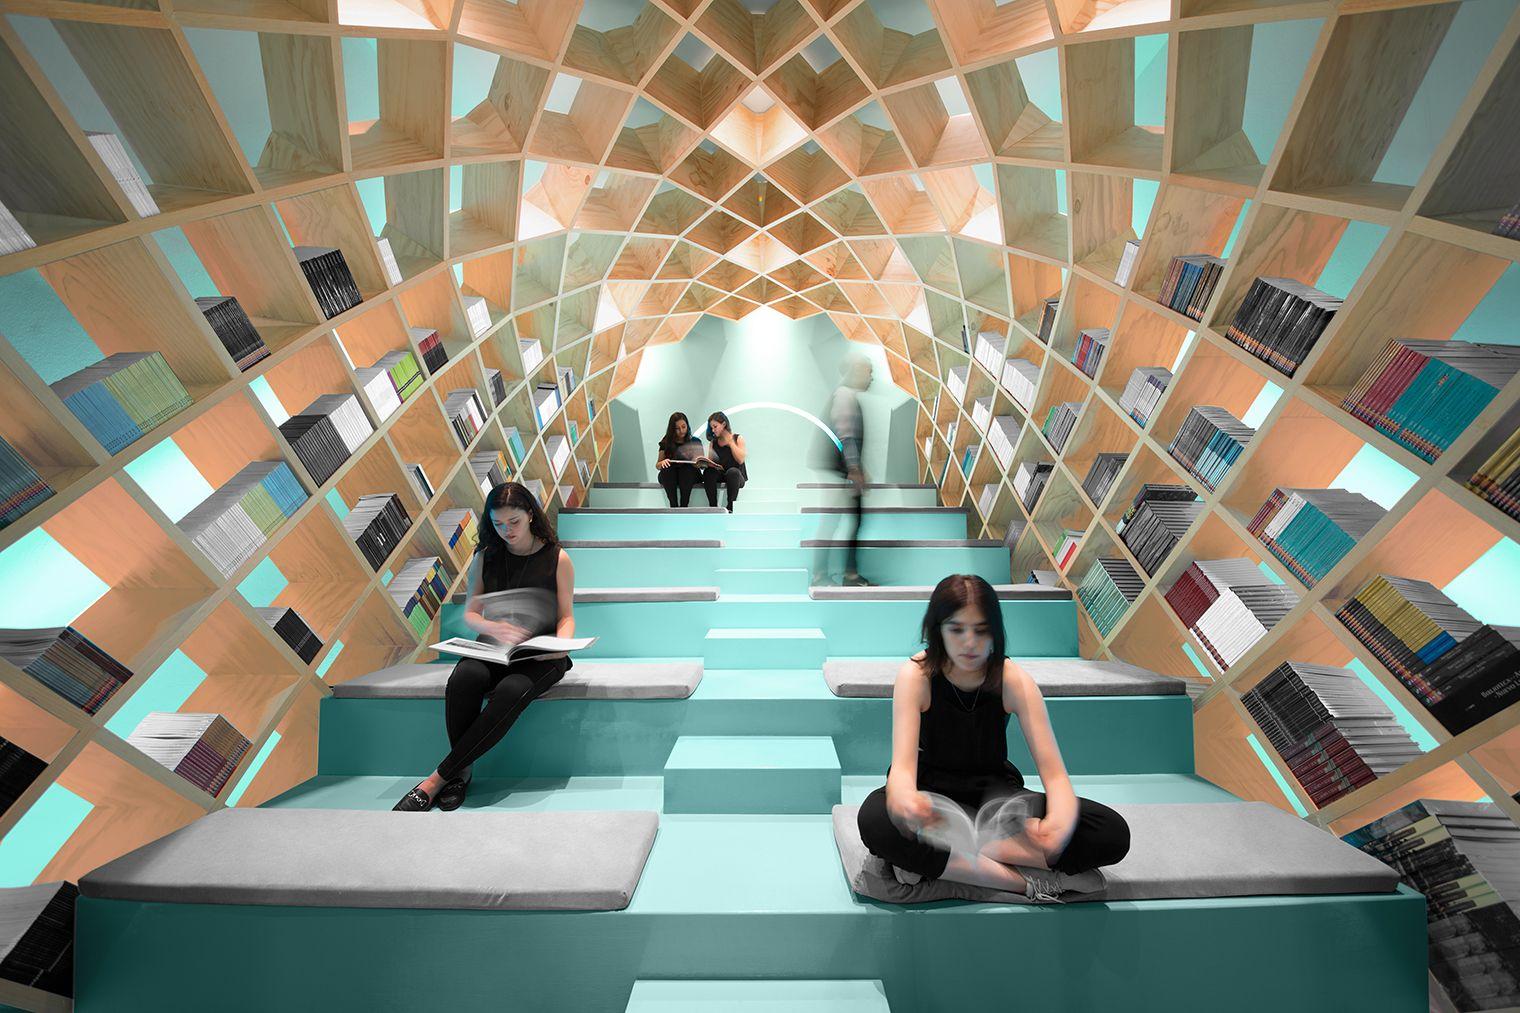 El estudio de diseño Anagrama es el autor de este envolvente espacio de lectura de la biblioteca de Conarte, ubicada Monterrey (Méjico).